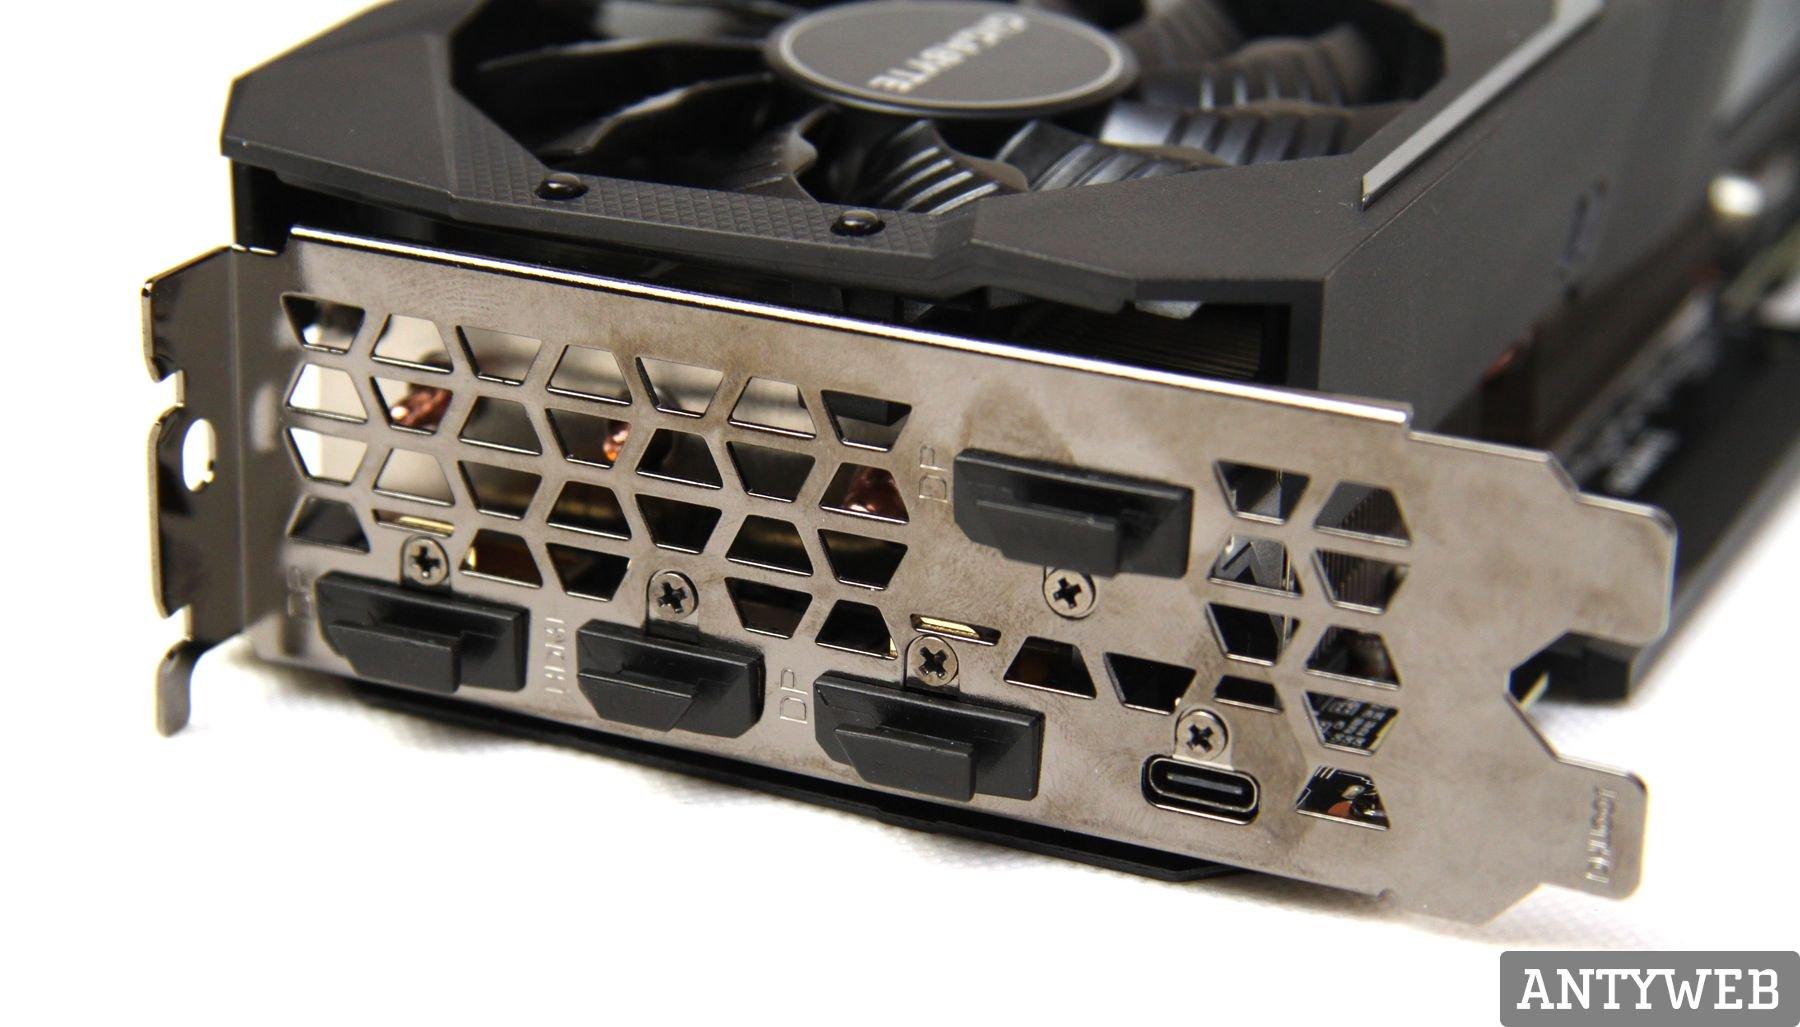 Recenzja Gigabyte GeForce RTX 2080Ti Gaming OC 11G - śledź z wyjściami